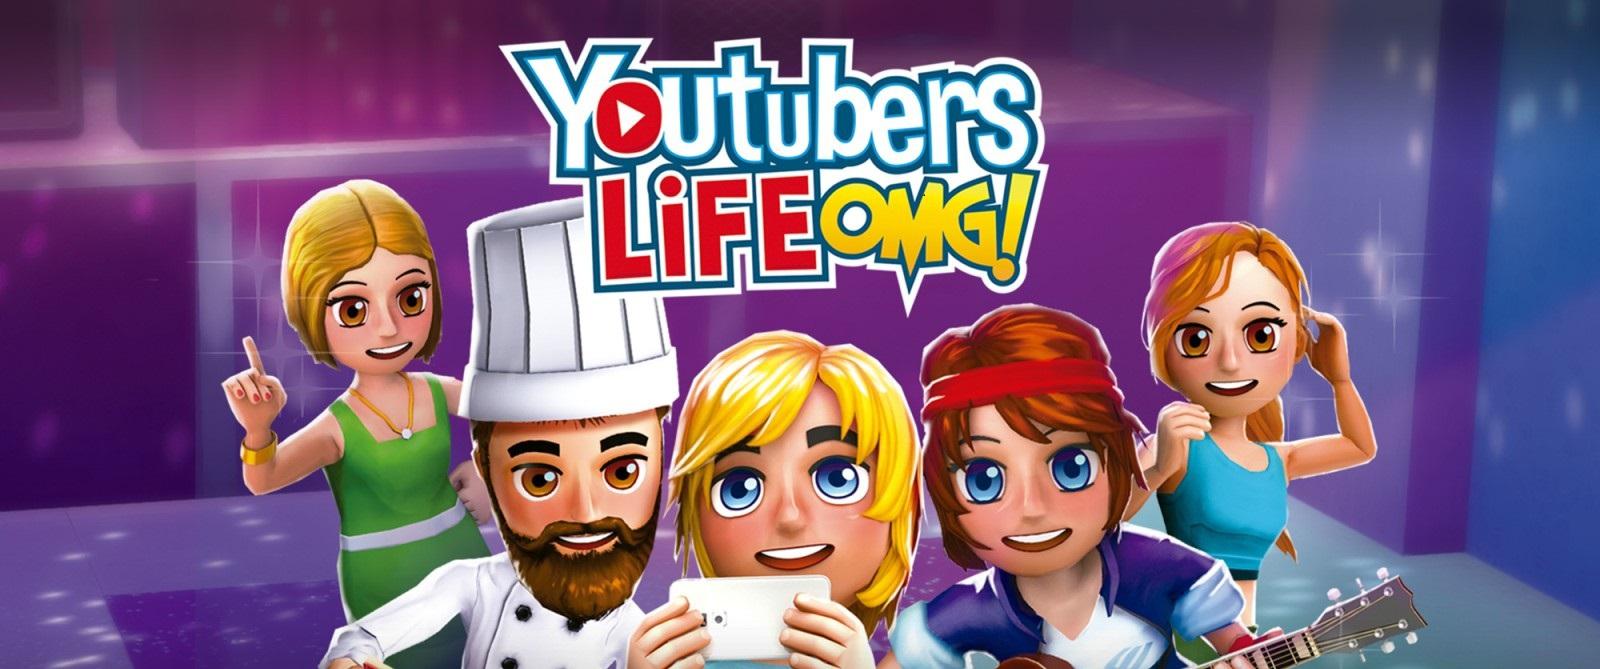 youtuberslifeomgps4m5beaj.jpg